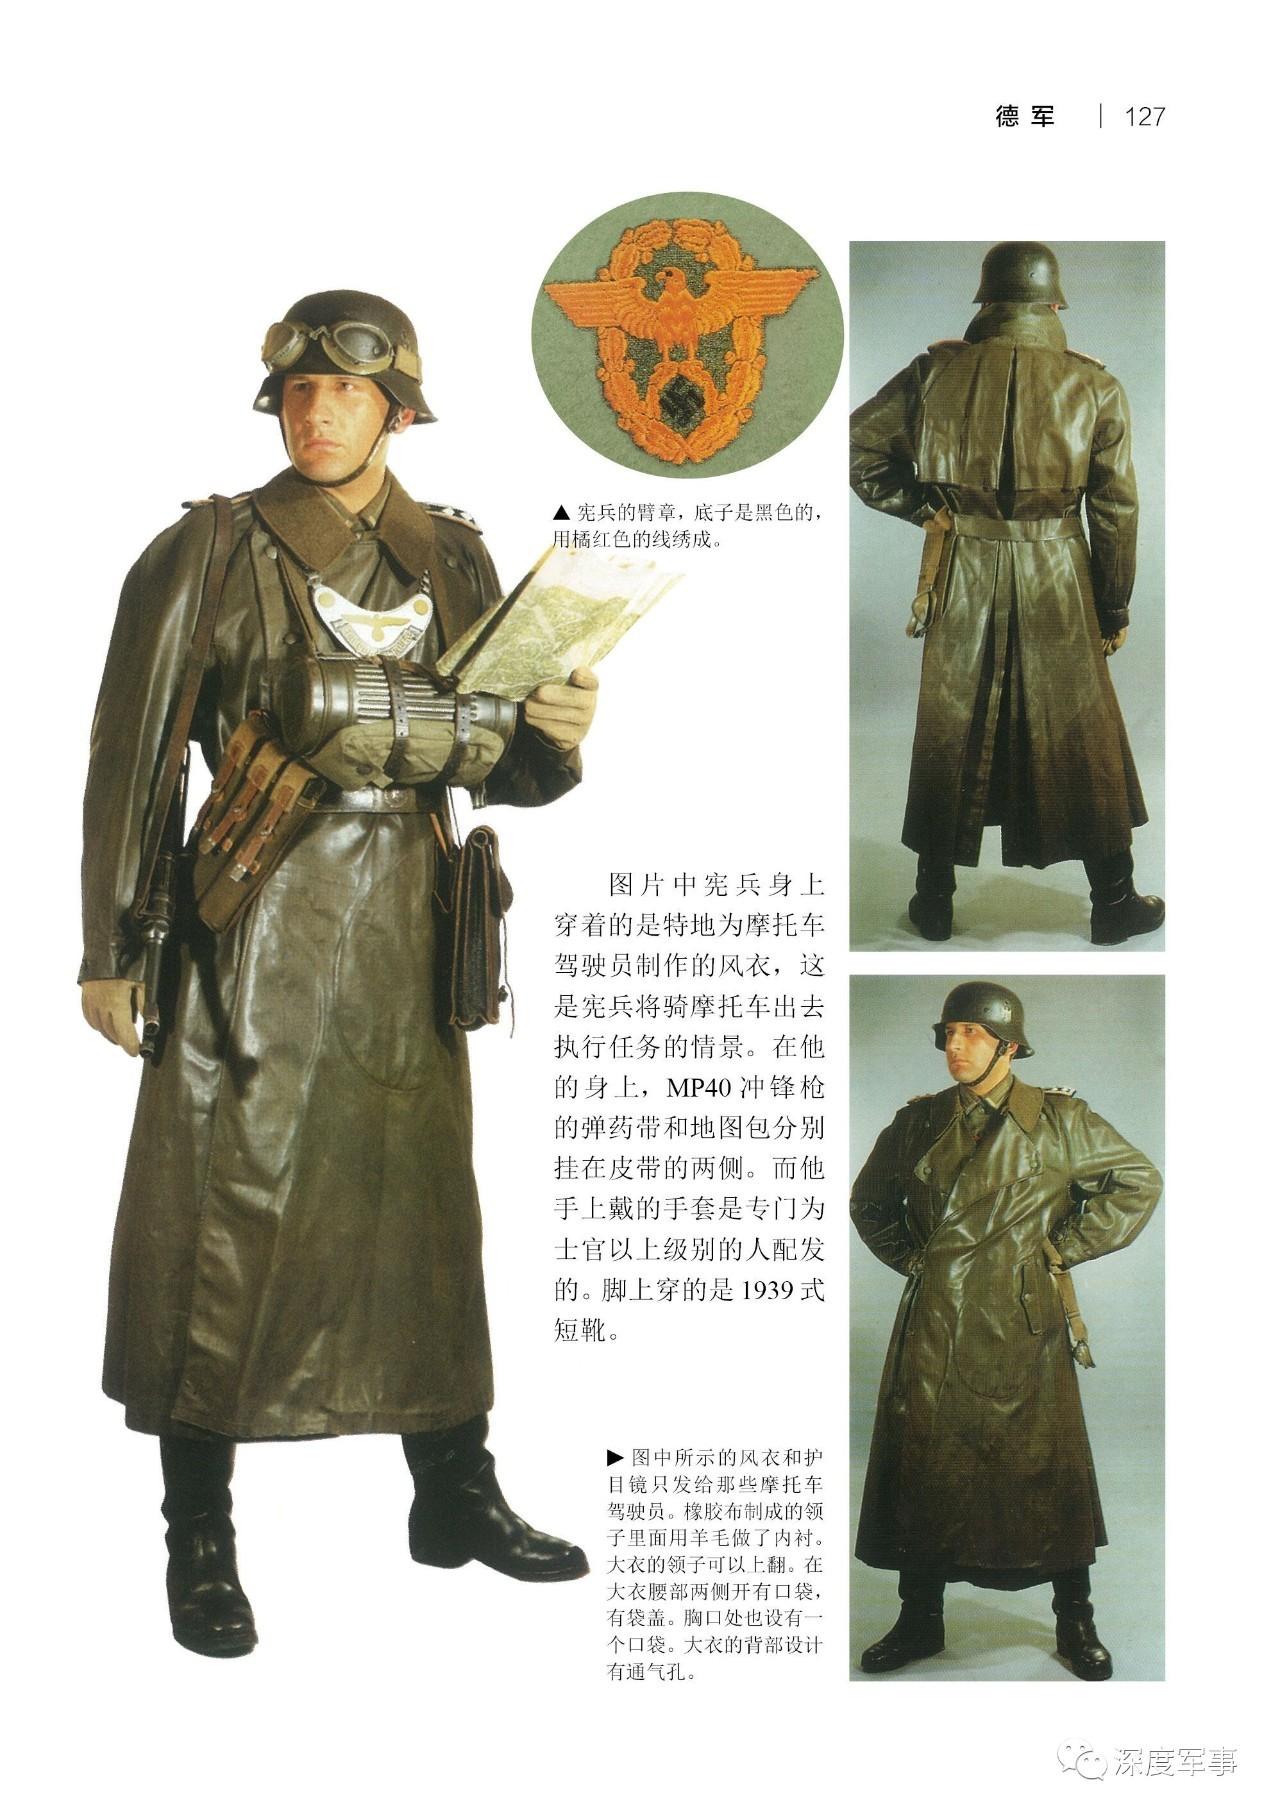 """二战中最帅的军服,没有之一,他家的勋章更是简洁大气"""""""